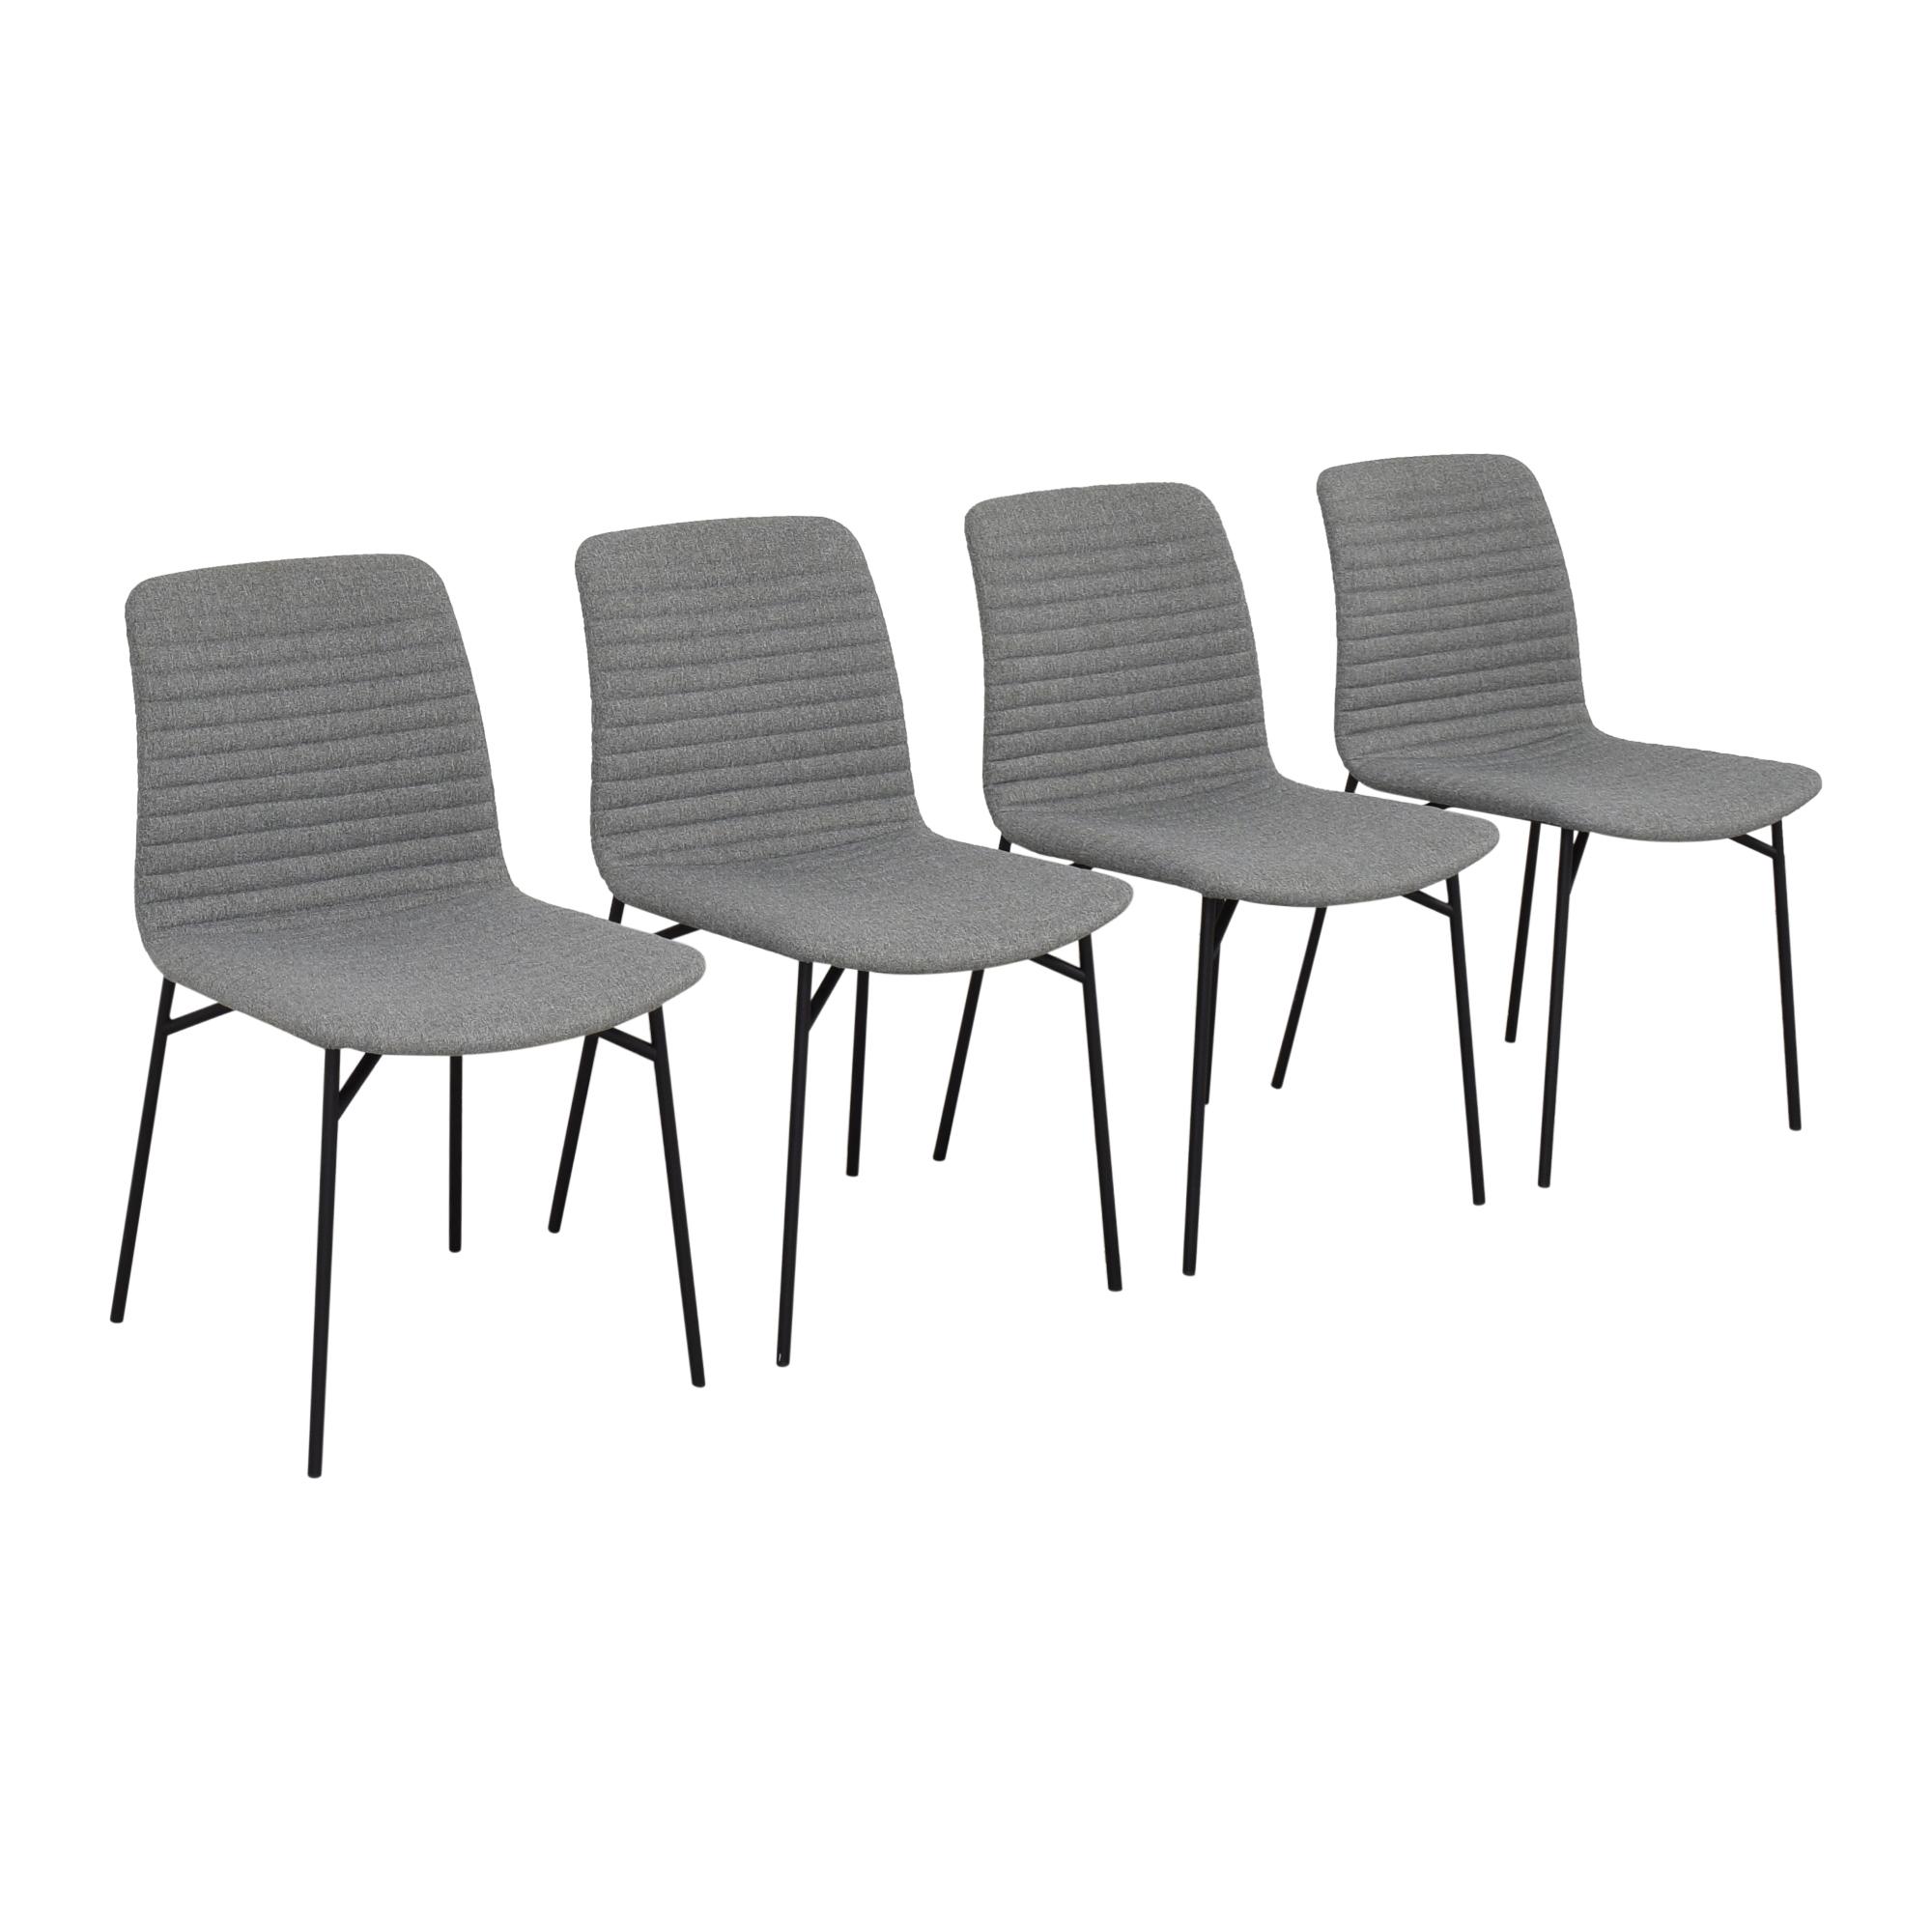 Fornasarig Fornasarig Data Chairs pa